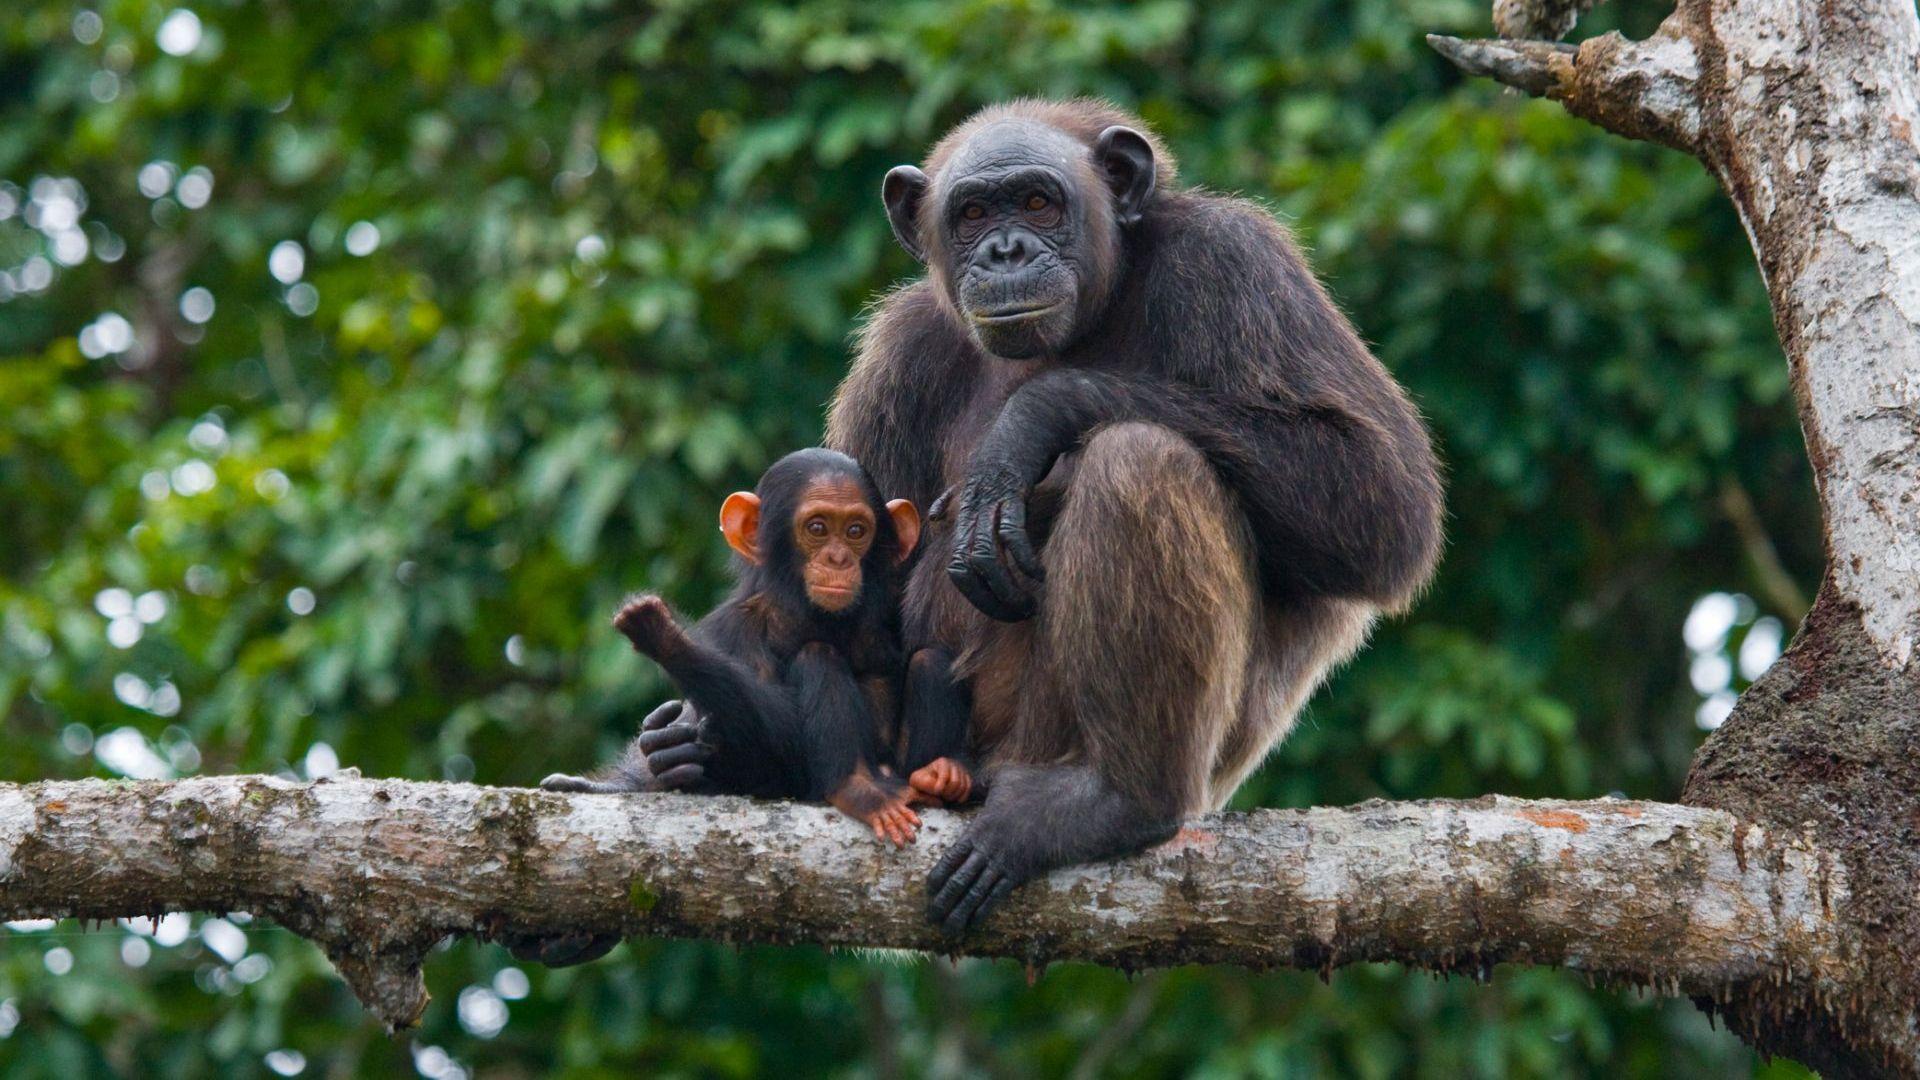 Шимпанзетата адаптират ръкостисканията според социалната си група